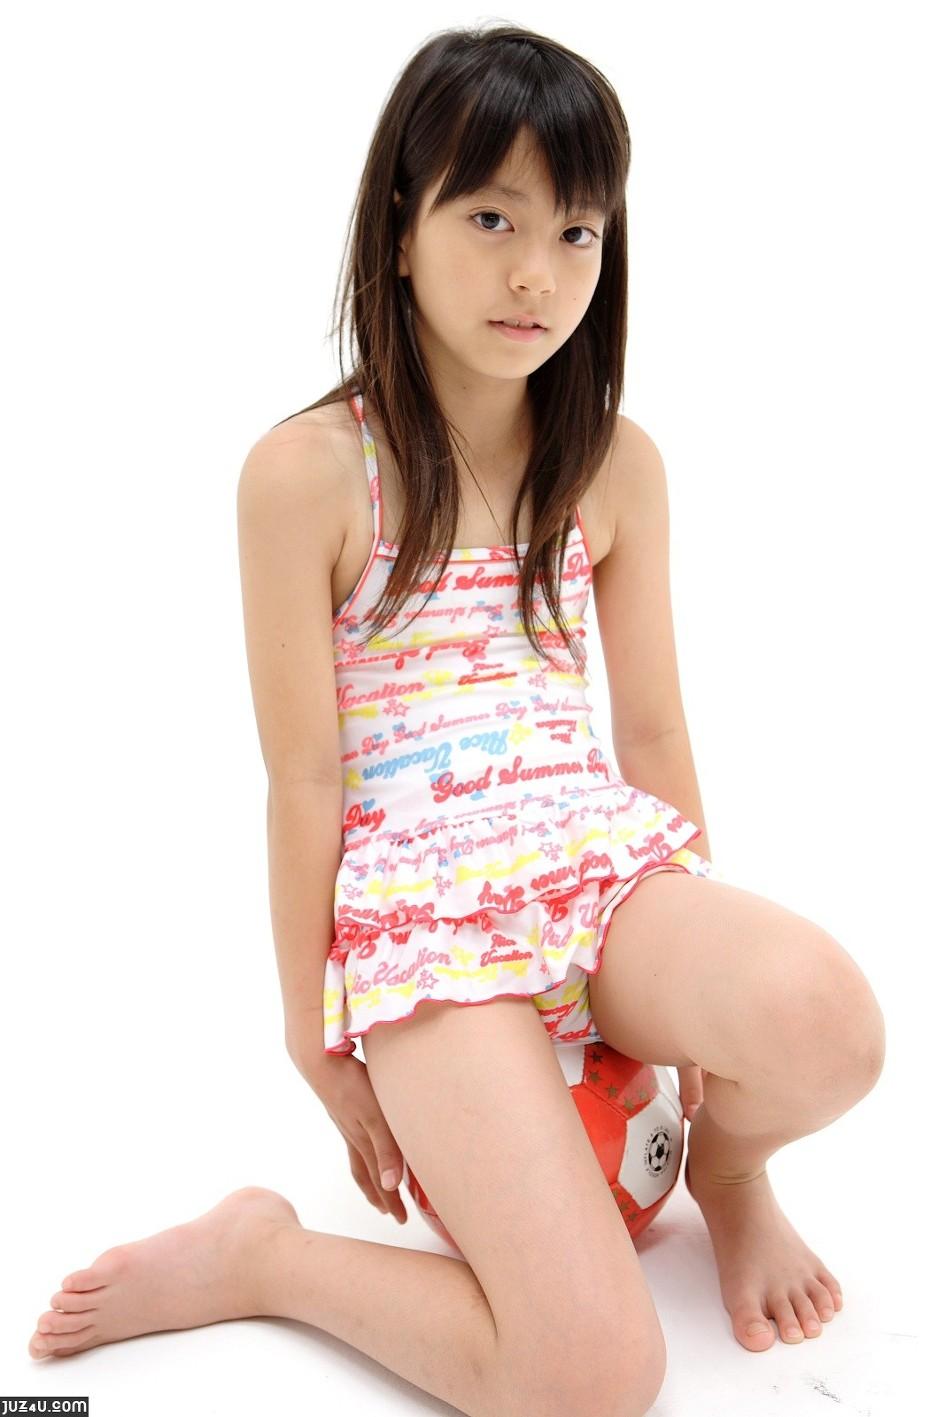 u15.info junior idol ayu Ai Chan